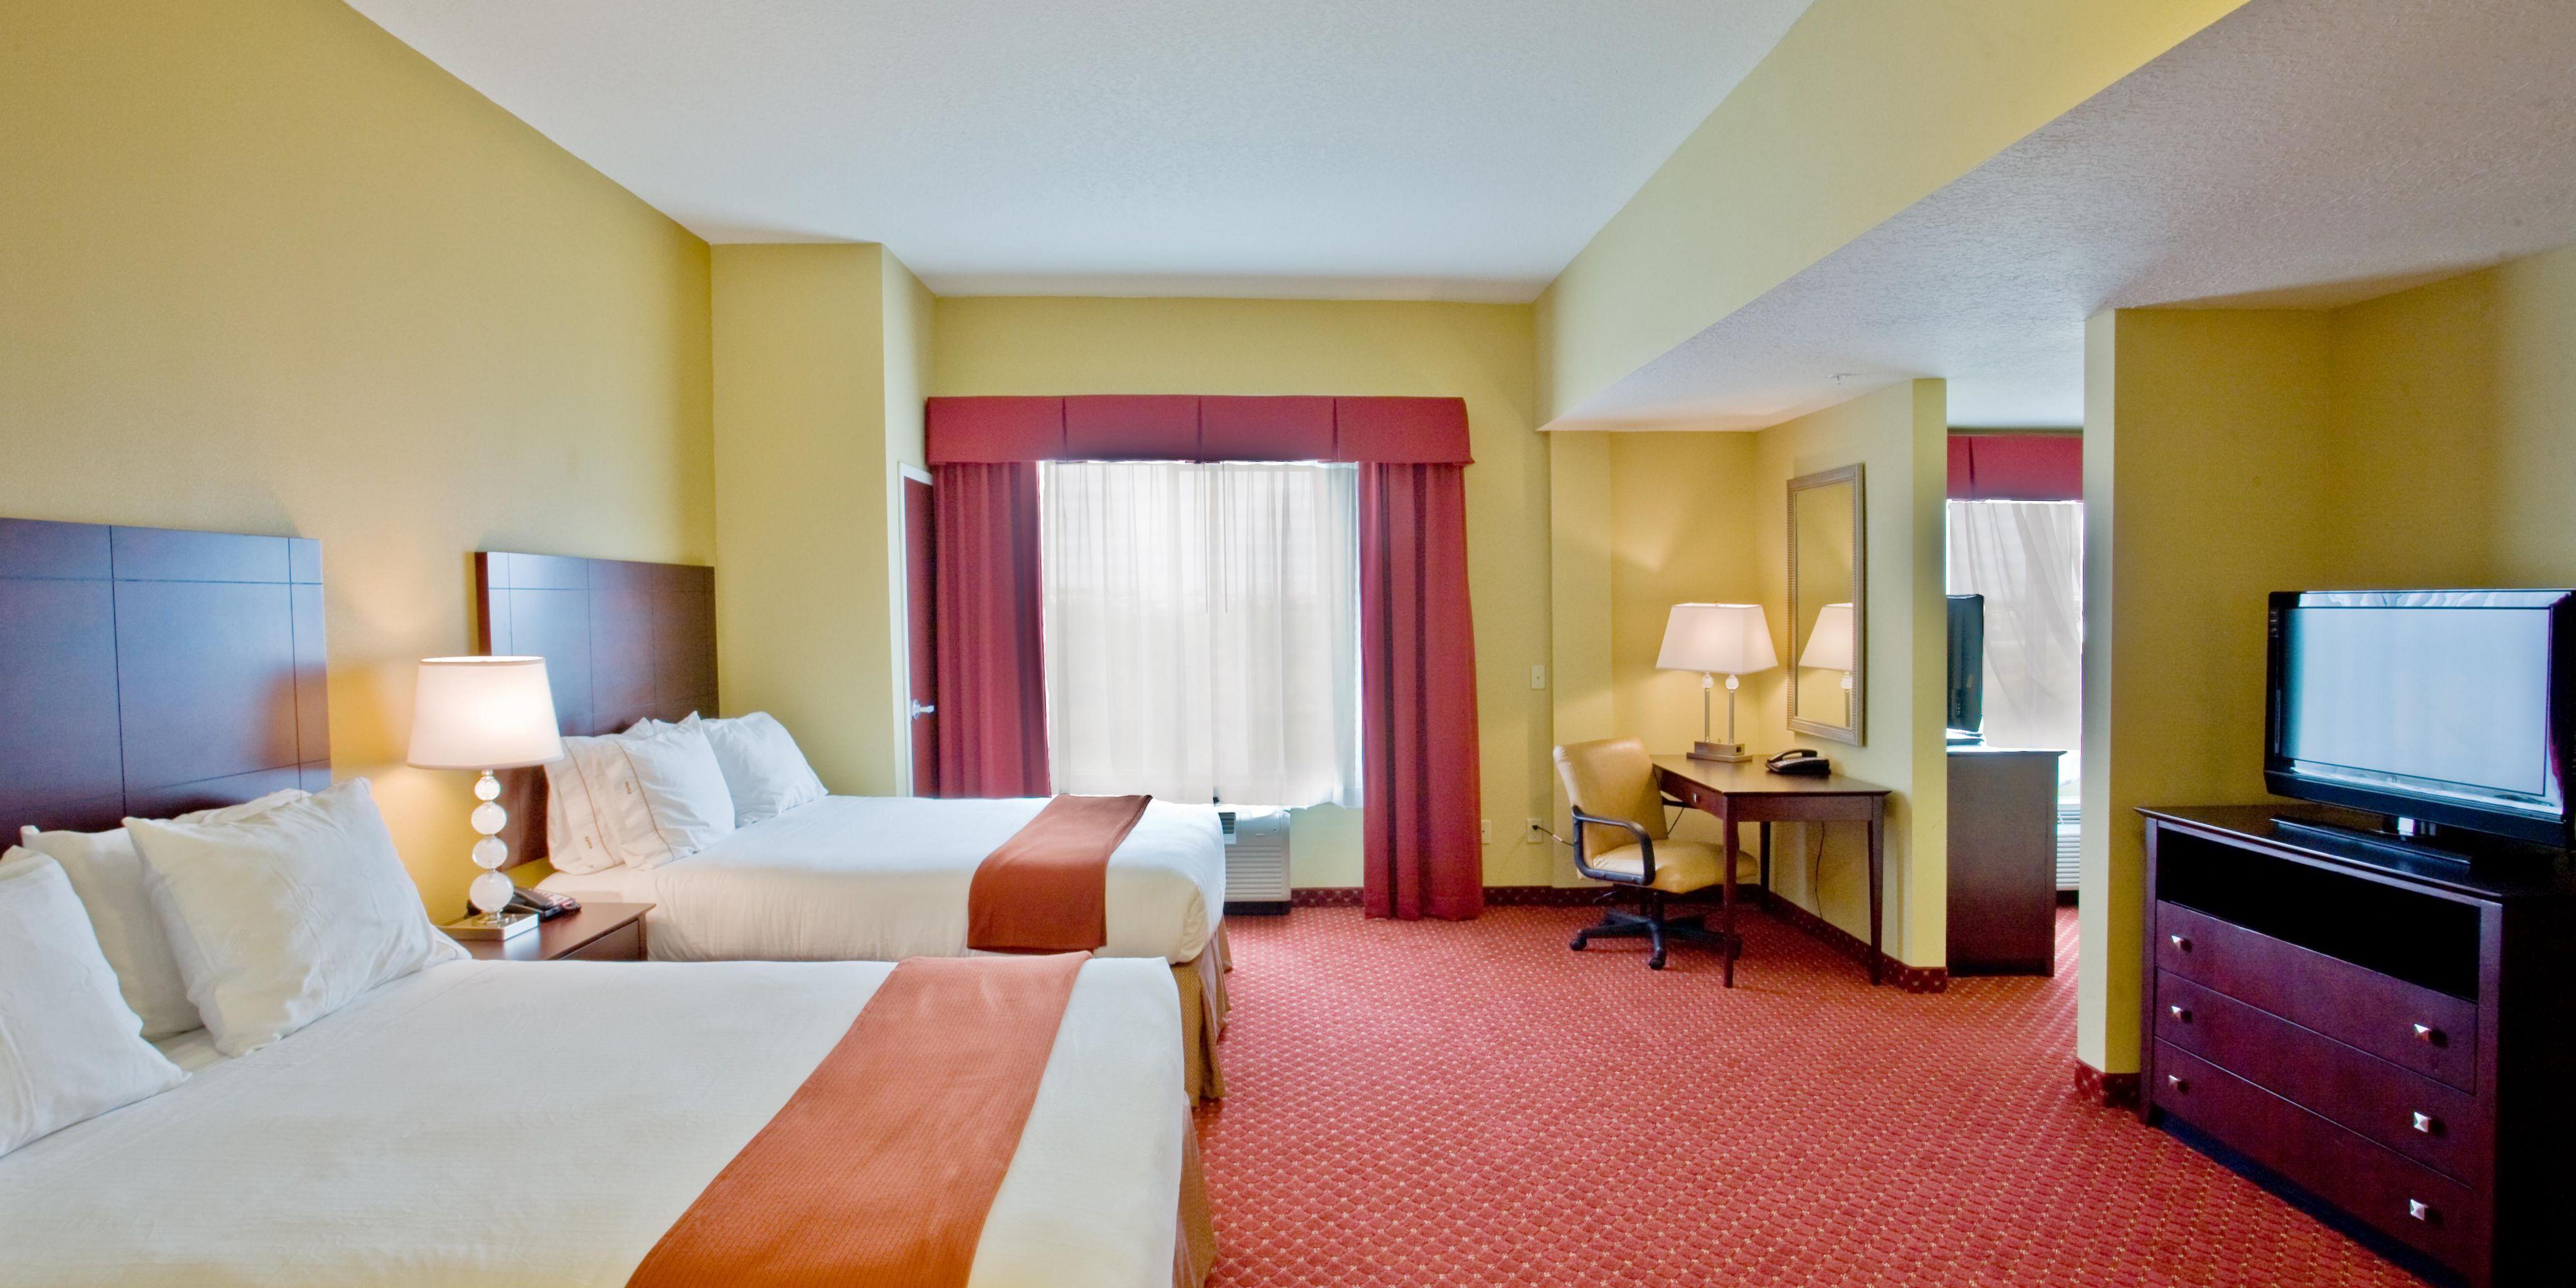 orlando hotel holiday inn express suites orlando south davenport